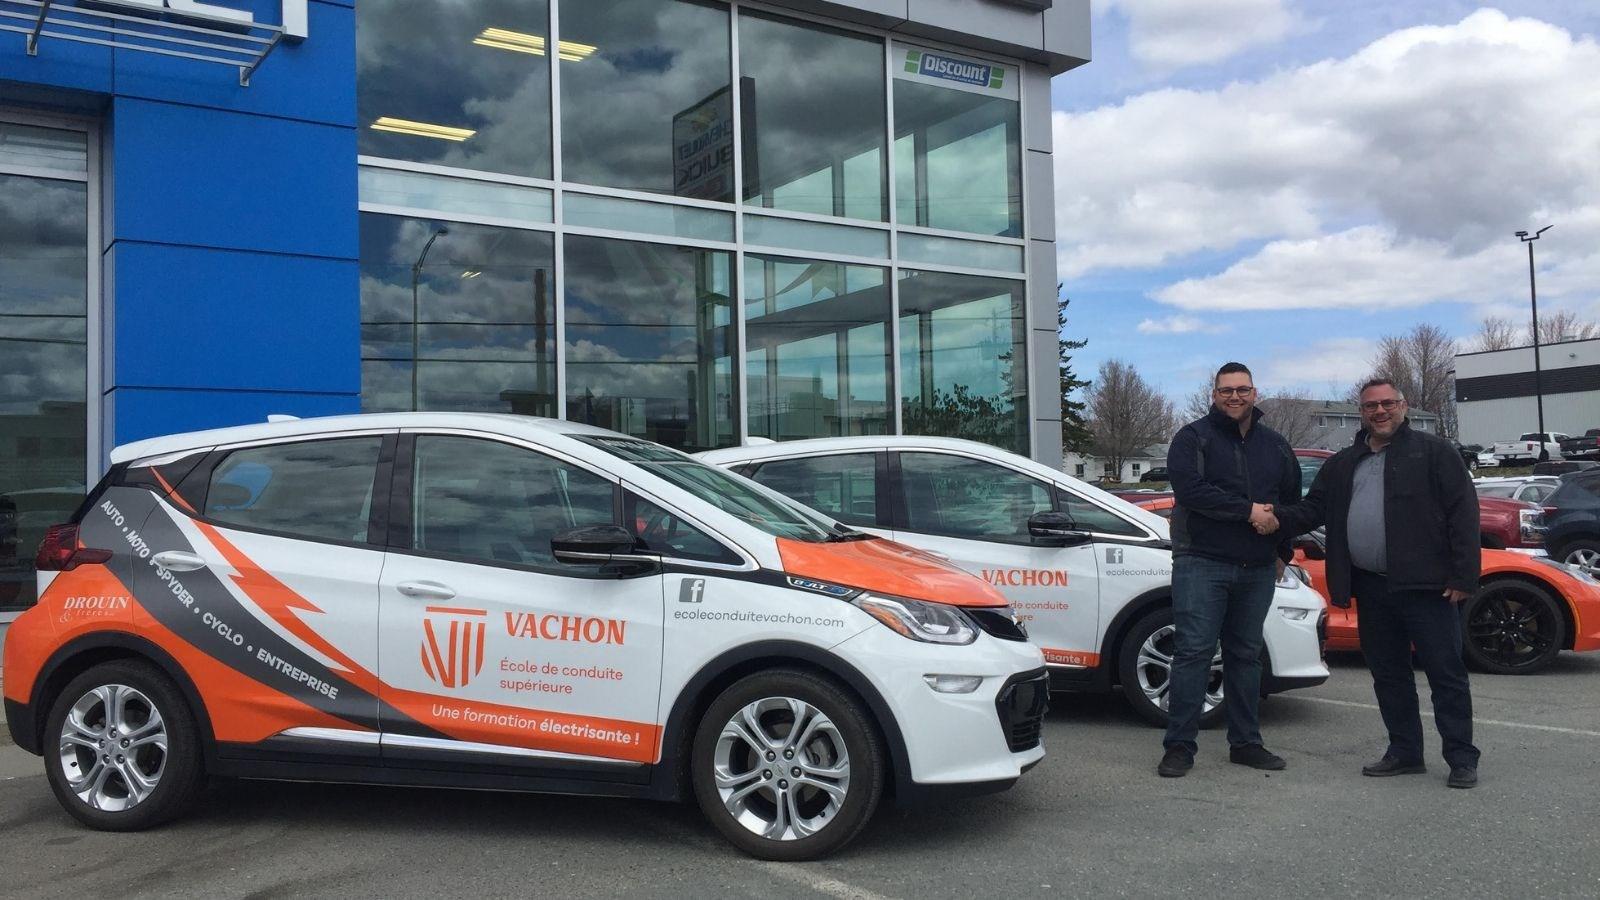 Deux autos électriques pour Vachon école de conduite